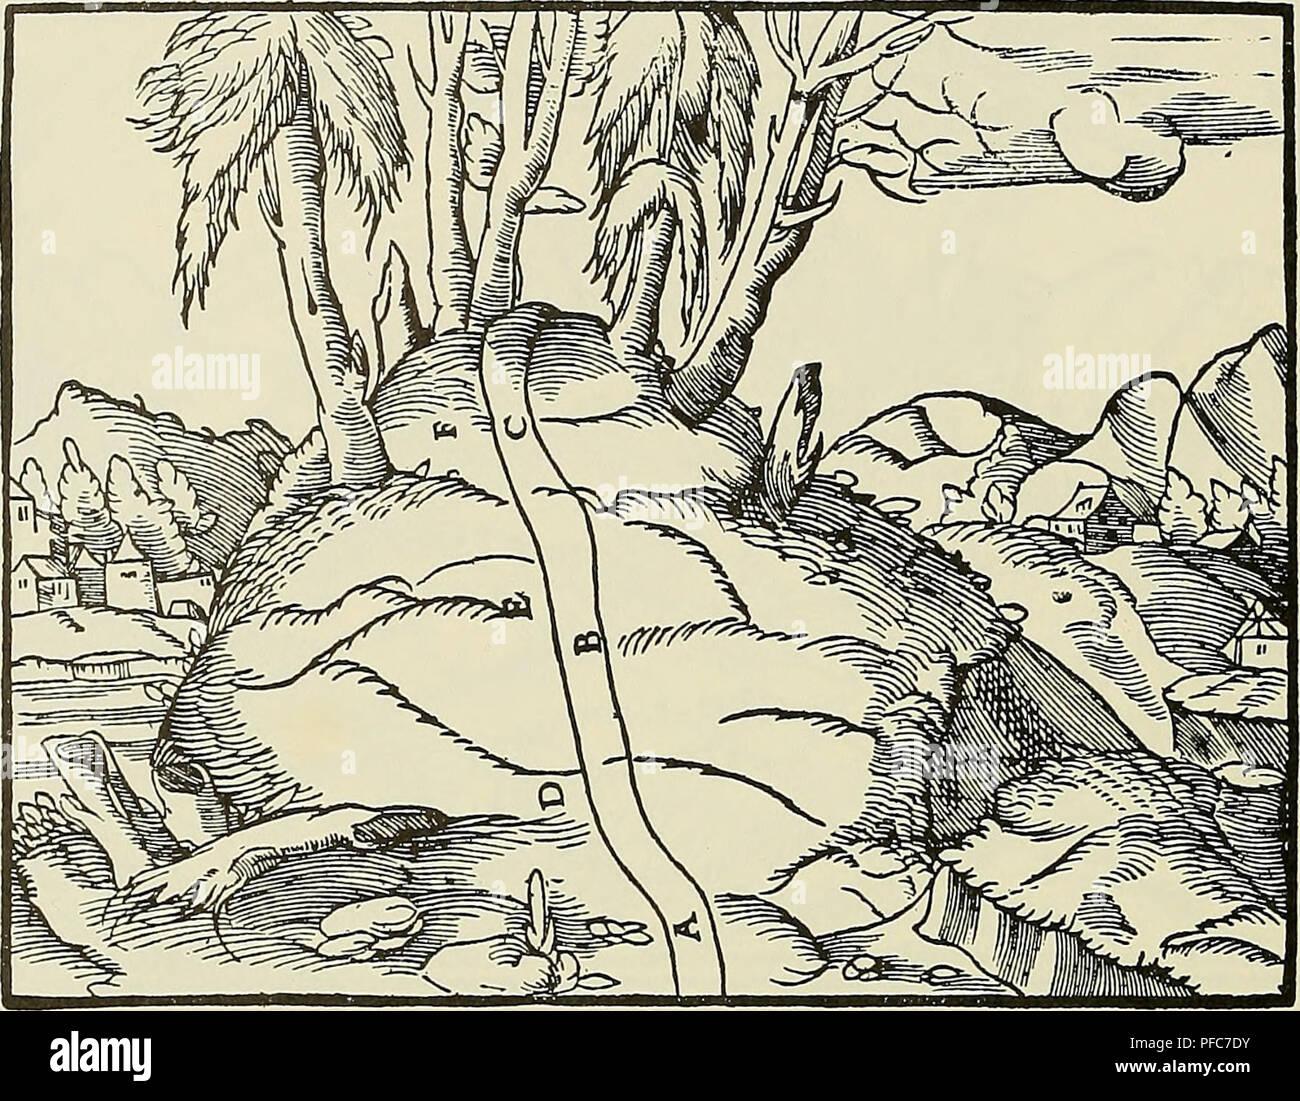 . De re metallica. Métallurgie; des minéraux. 56 LIVRE III. D'autres, au contraire, faire du nord au sud.. A, B, C-d'idées. D, E, F-couches dans les rochers. Les coutures dans les rochers nous indiquer si une veine s'étend de l'Est ou de l'ouest. Par exemple, si la pente coutures rock vers l'ouest lorsqu'ils descendent dans la terre, la veine est dit d'exécuter d'est en ouest; s'ils penchent vers l'Est, la veine est dit d'exécuter d'ouest en est, de la même manière, nous déterminer à partir de la couture si les veines de roche vont du nord ou sud. Mineurs maintenant diviser chaque trimestre de la terre en s Banque D'Images